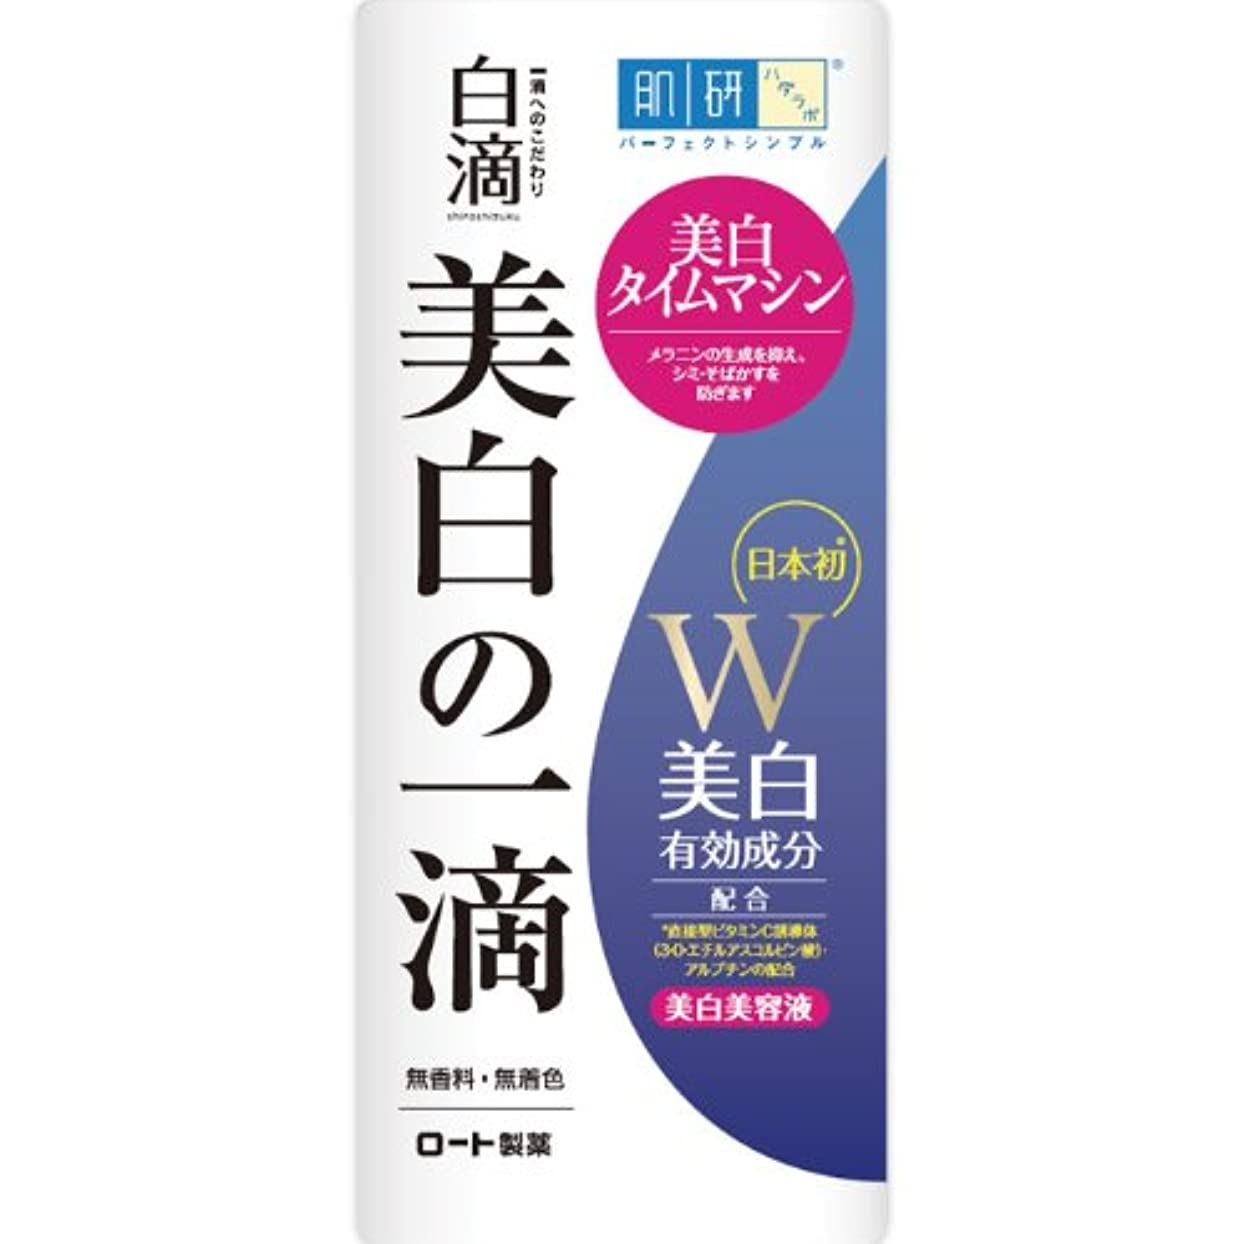 暴力的な繊毛集団的【医薬部外品】肌研(ハダラボ) 白滴 (シロシズク) 美白の一滴 45mL